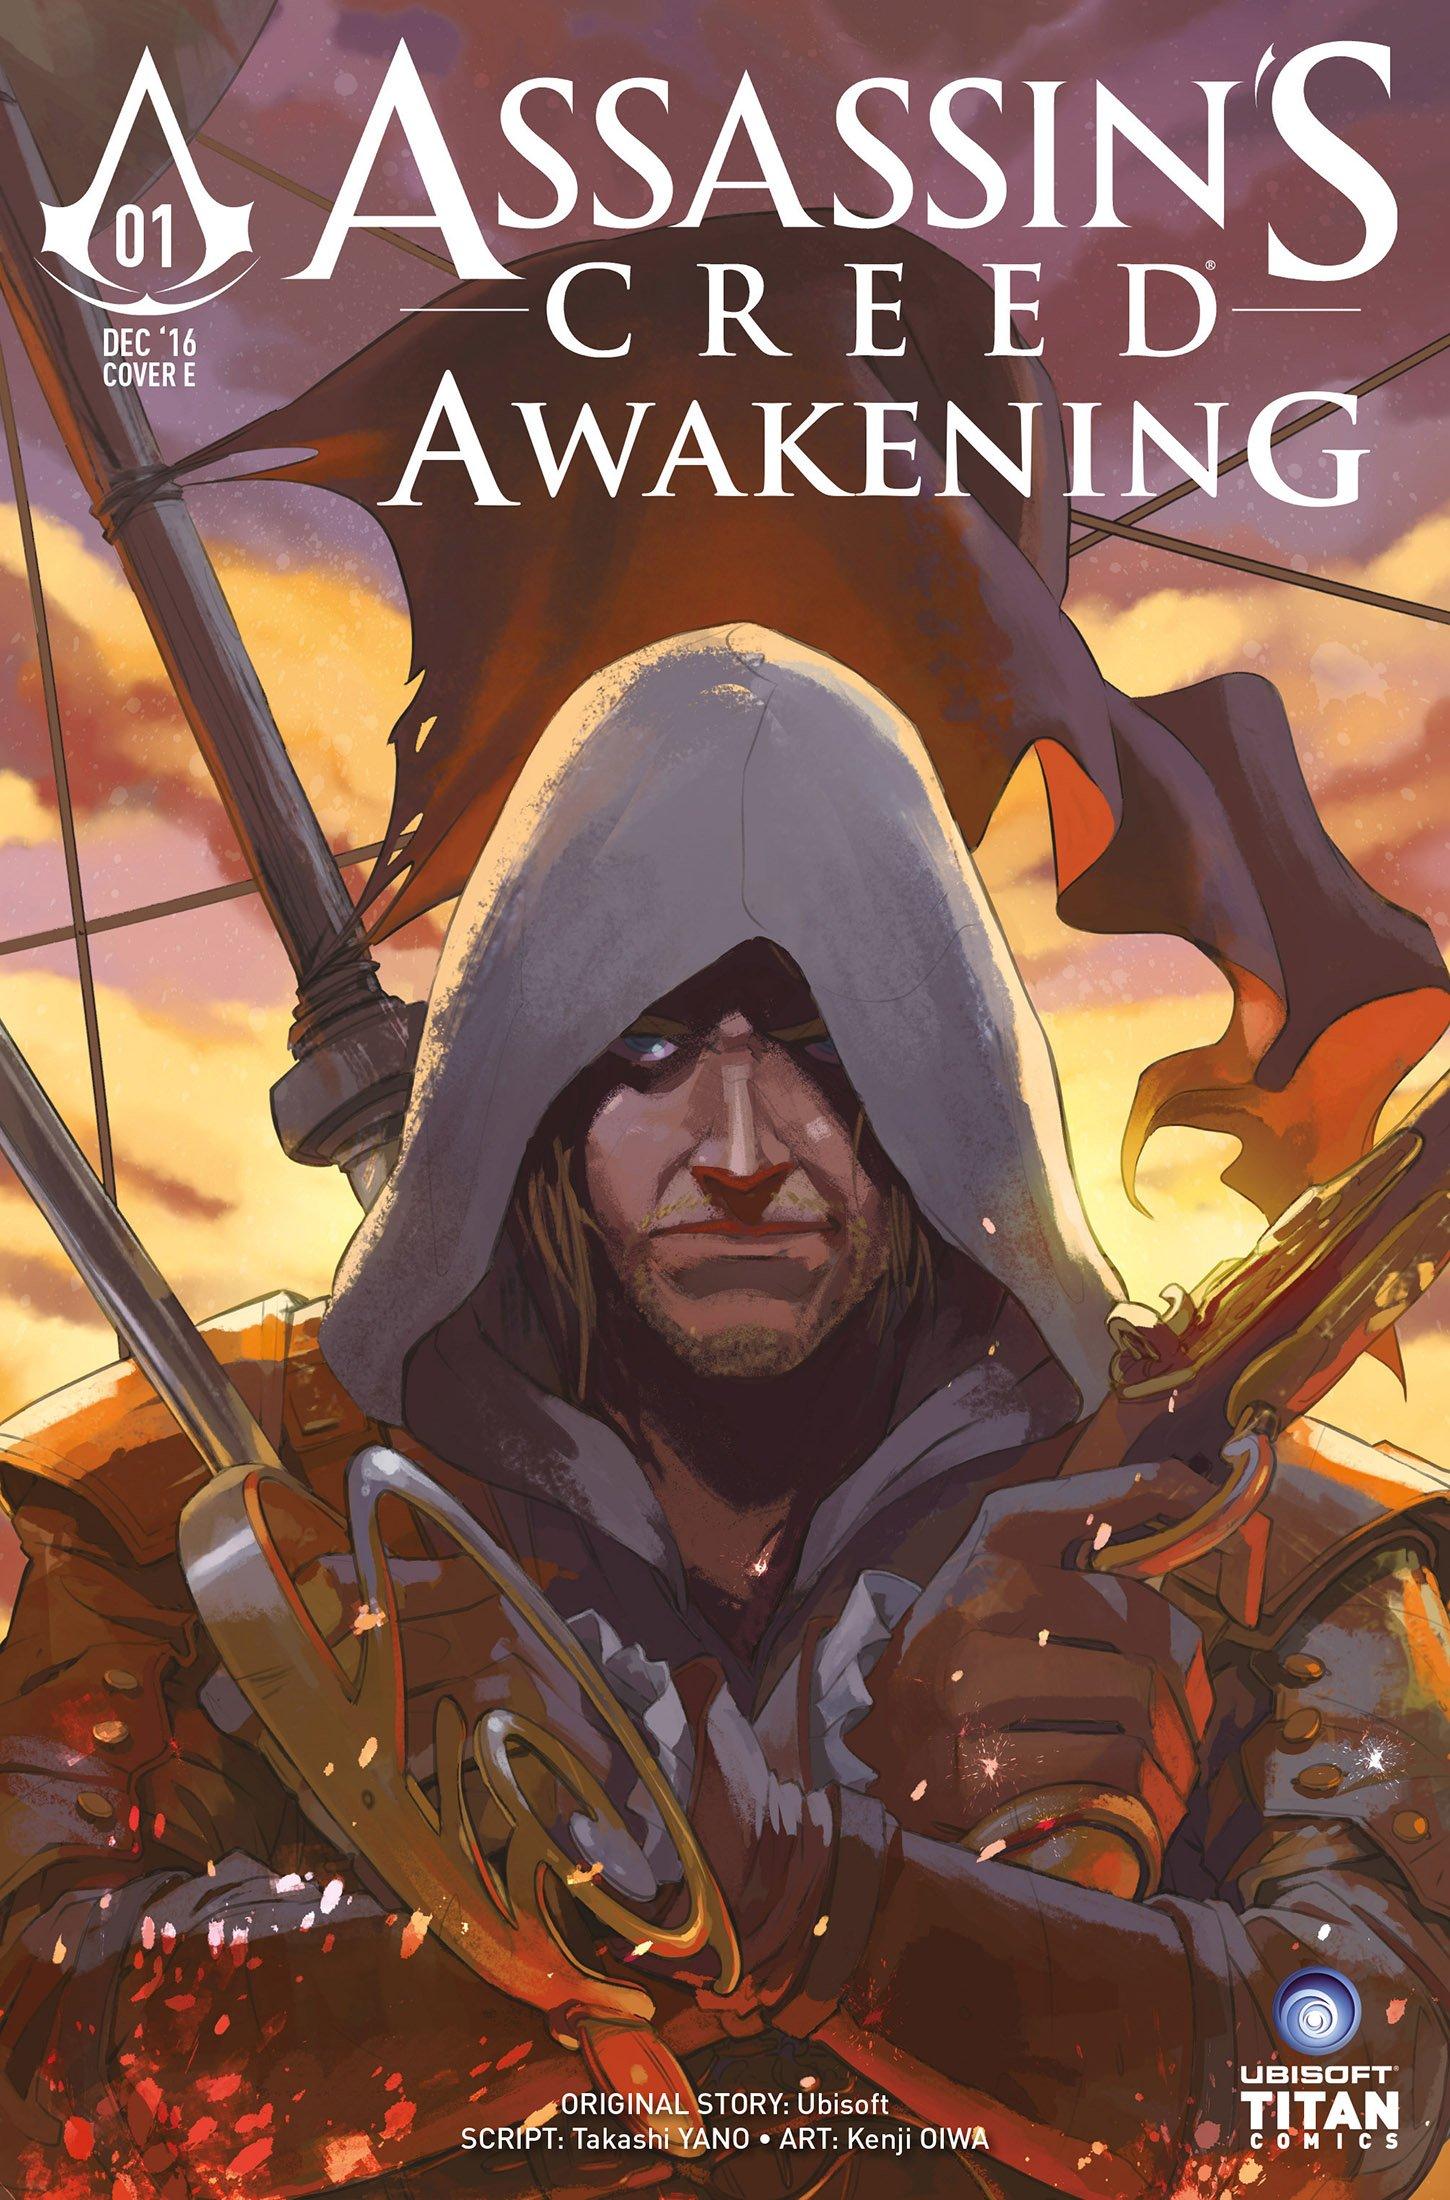 Assassin's Creed - Awakening 01 (December 2016) (cover e)